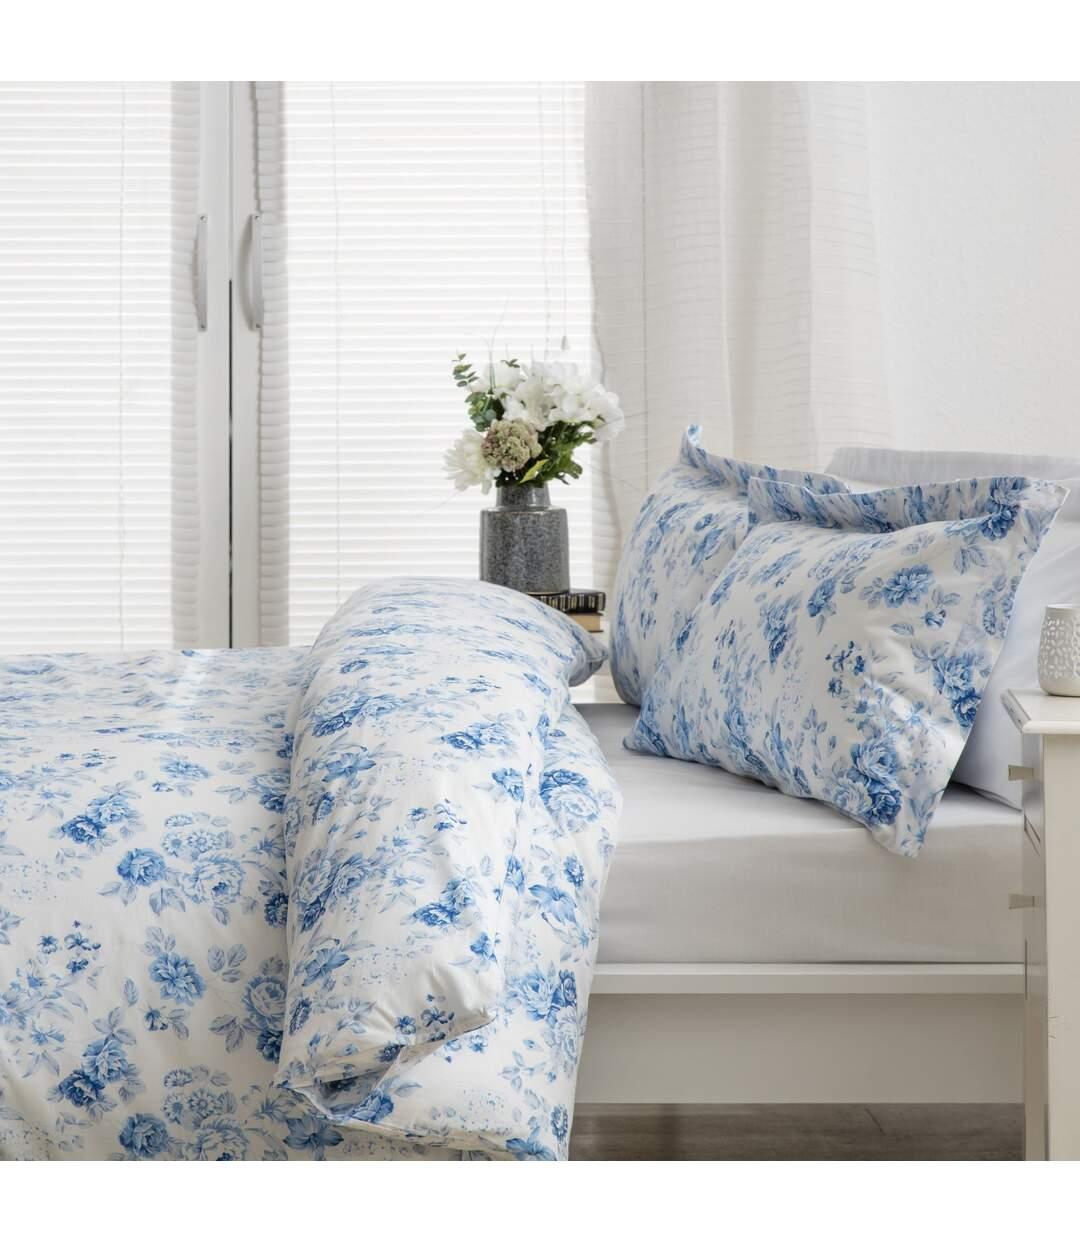 Belledorm - Housse De Couette Grace (Blanc / bleu) - UTBM252